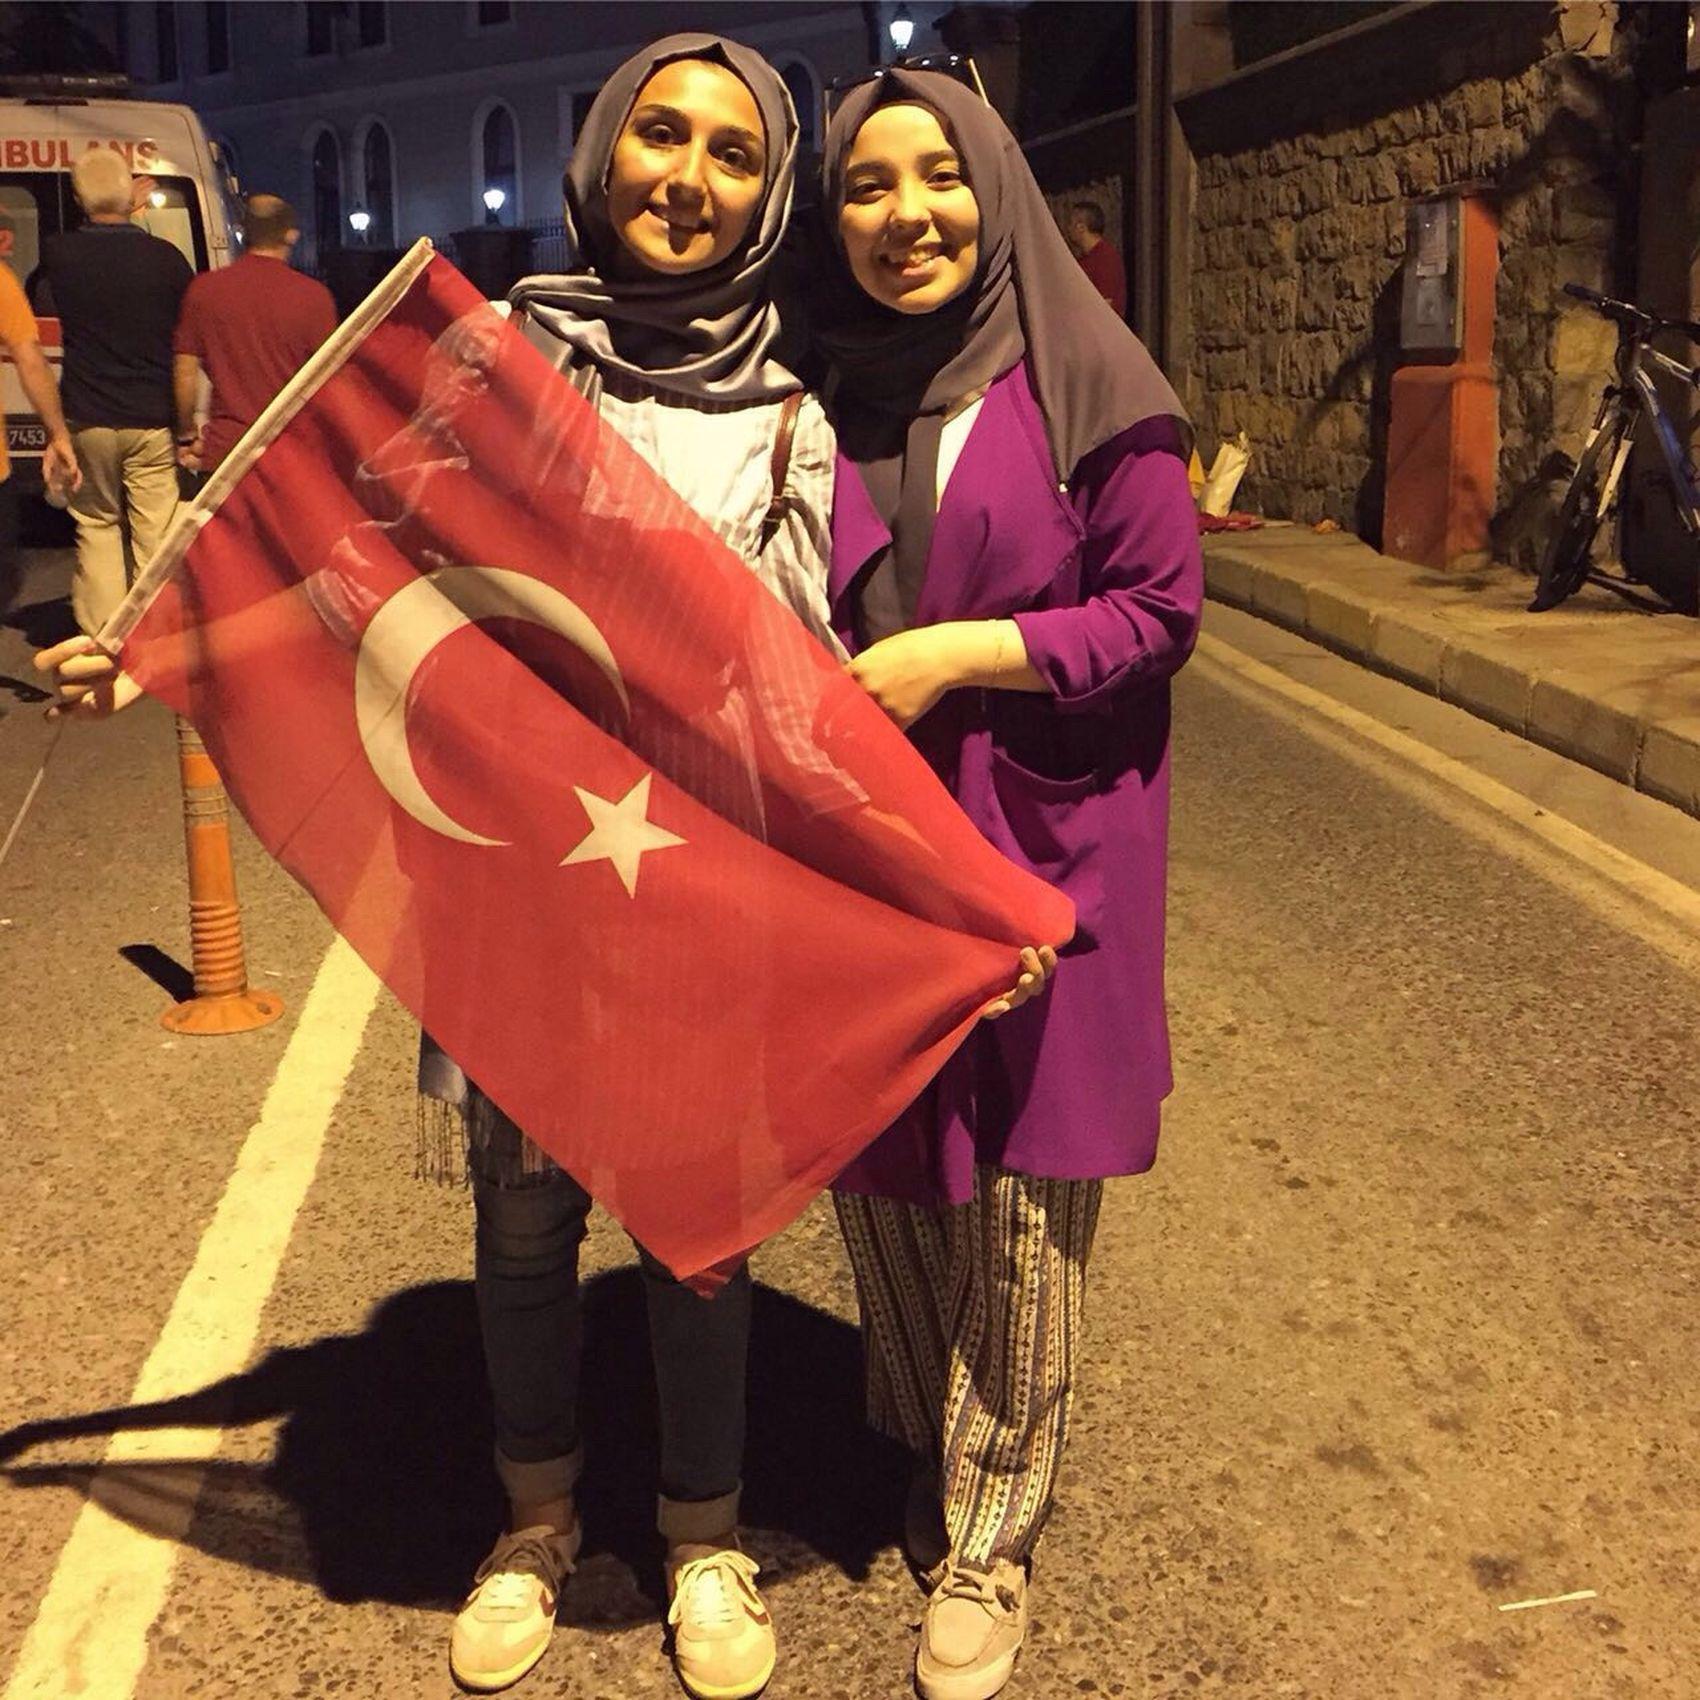 🇹🇷👭🇹🇷 Nöbeti Türkiye Turkey Nöbetedevam Darbeyehayır Kısıklı